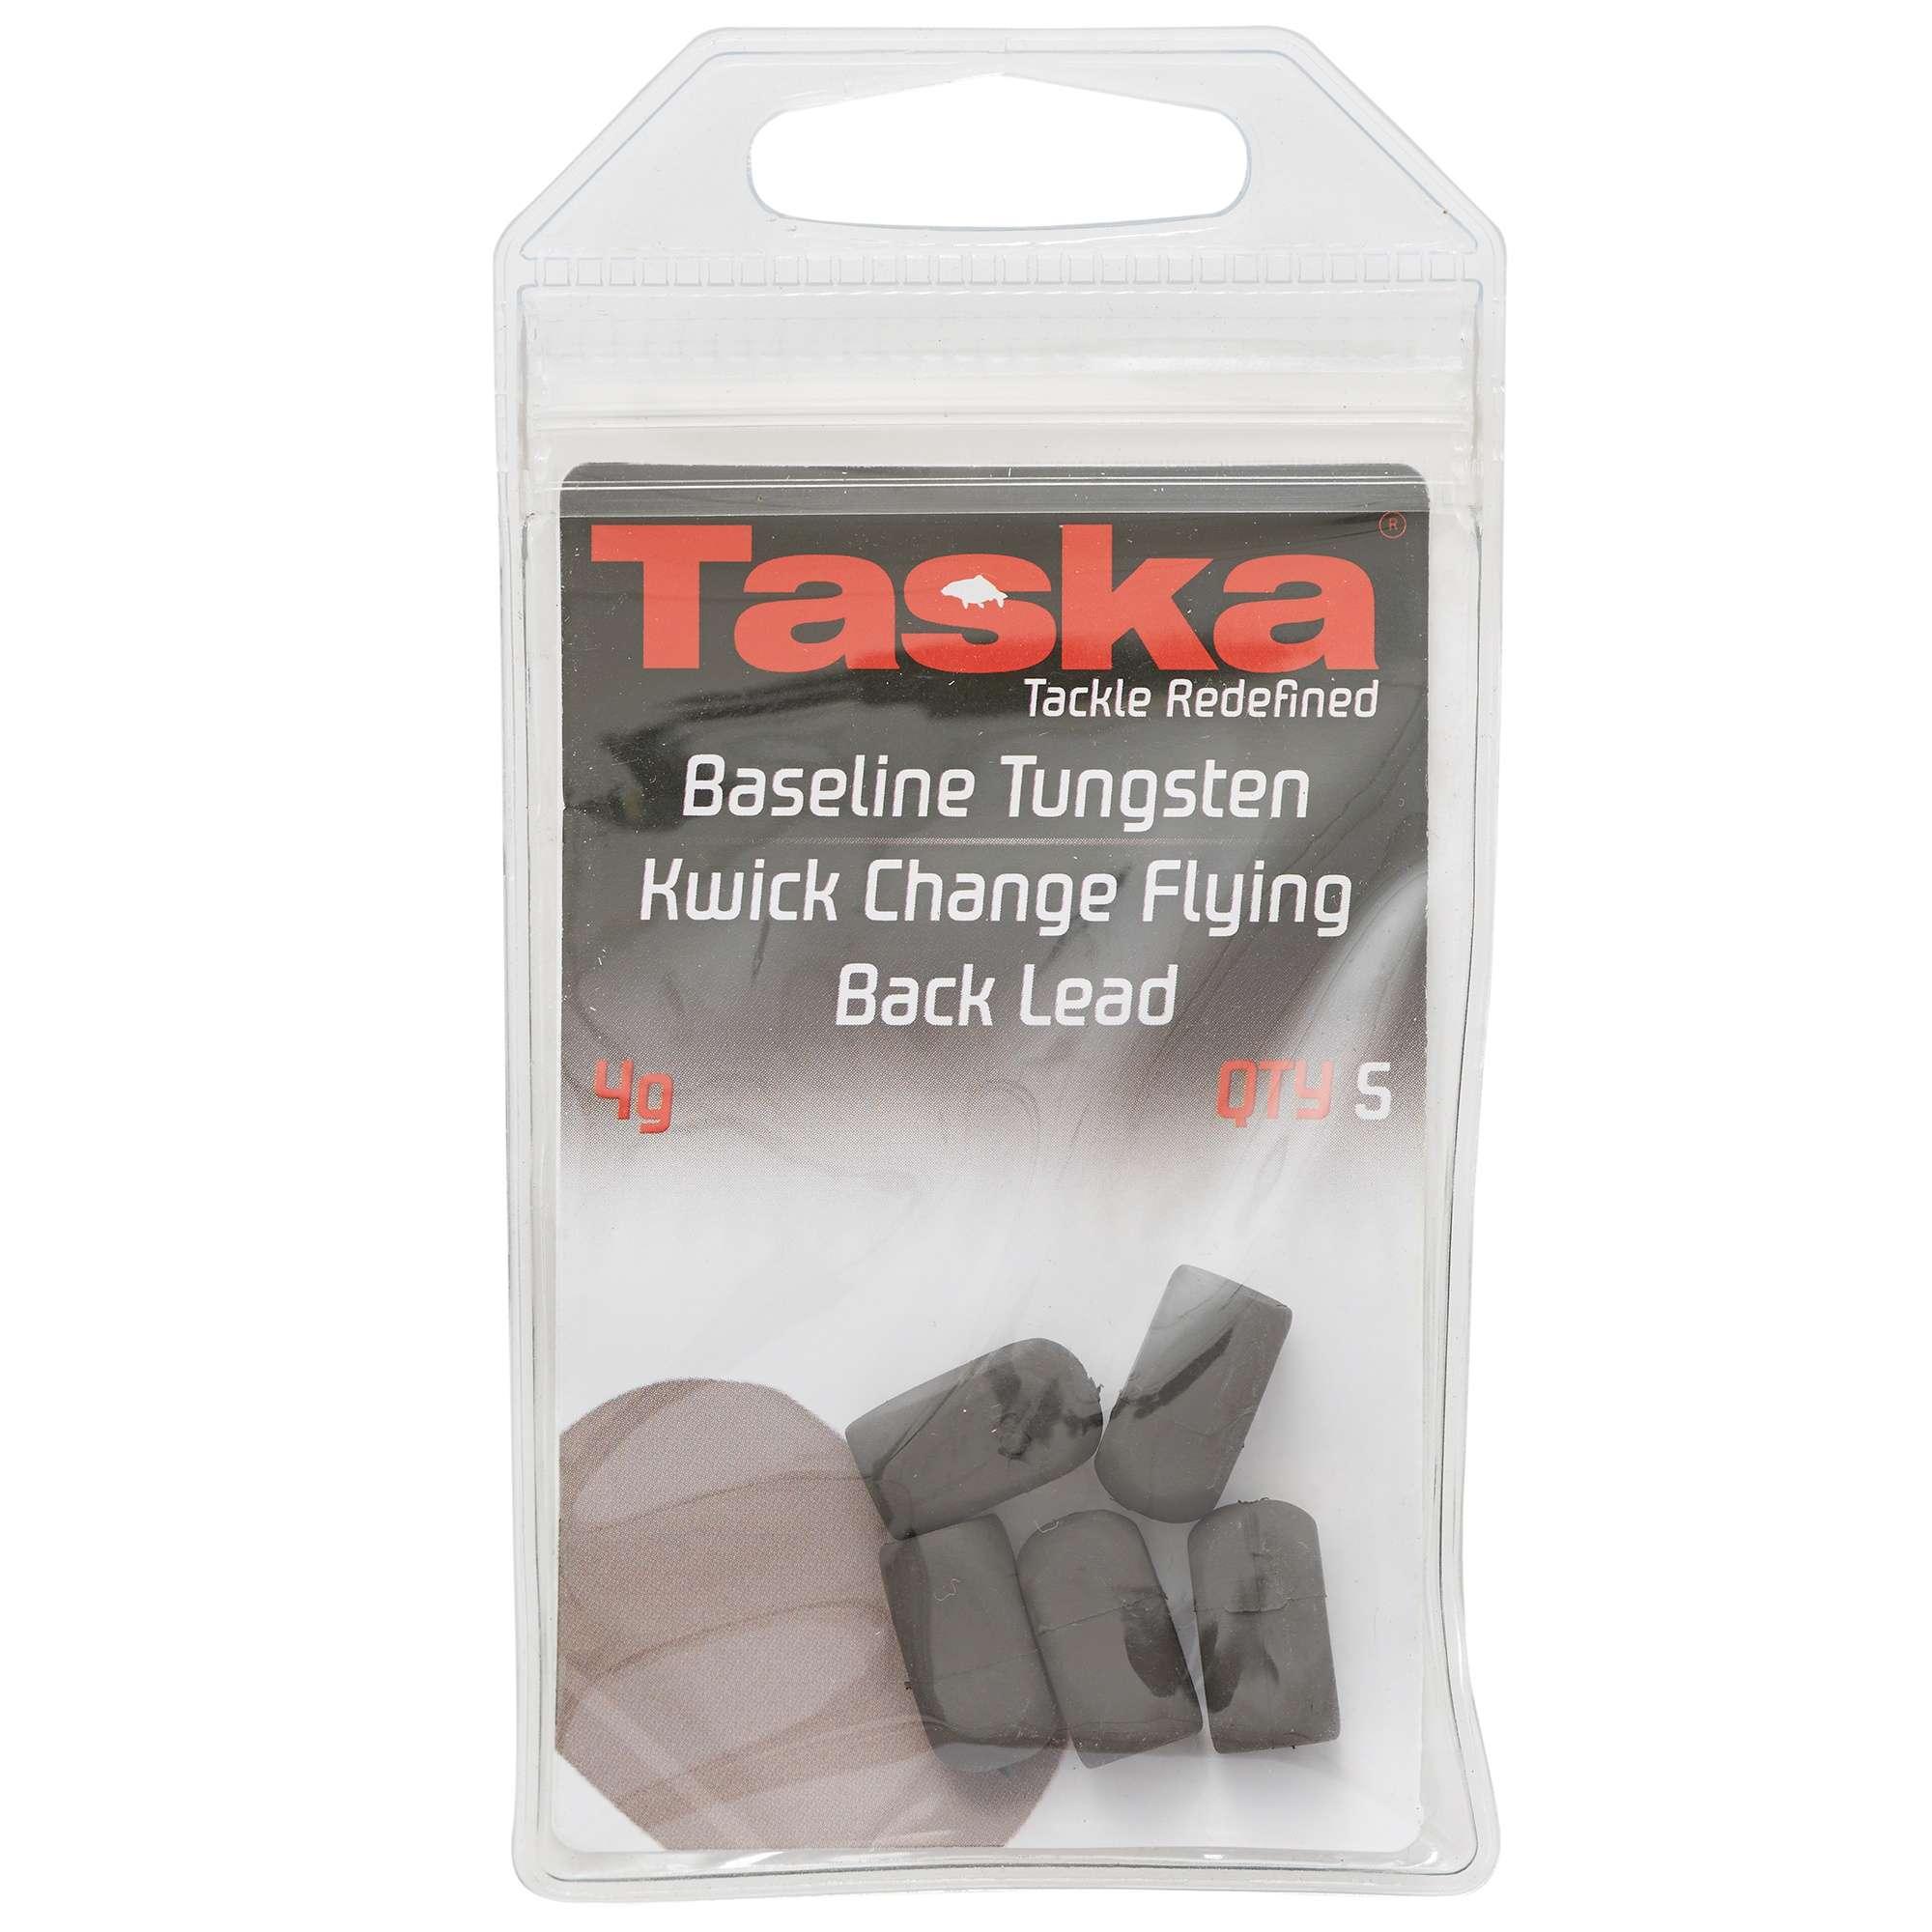 TASKA Kwick Change Flying Back Leads and 4mm Beads